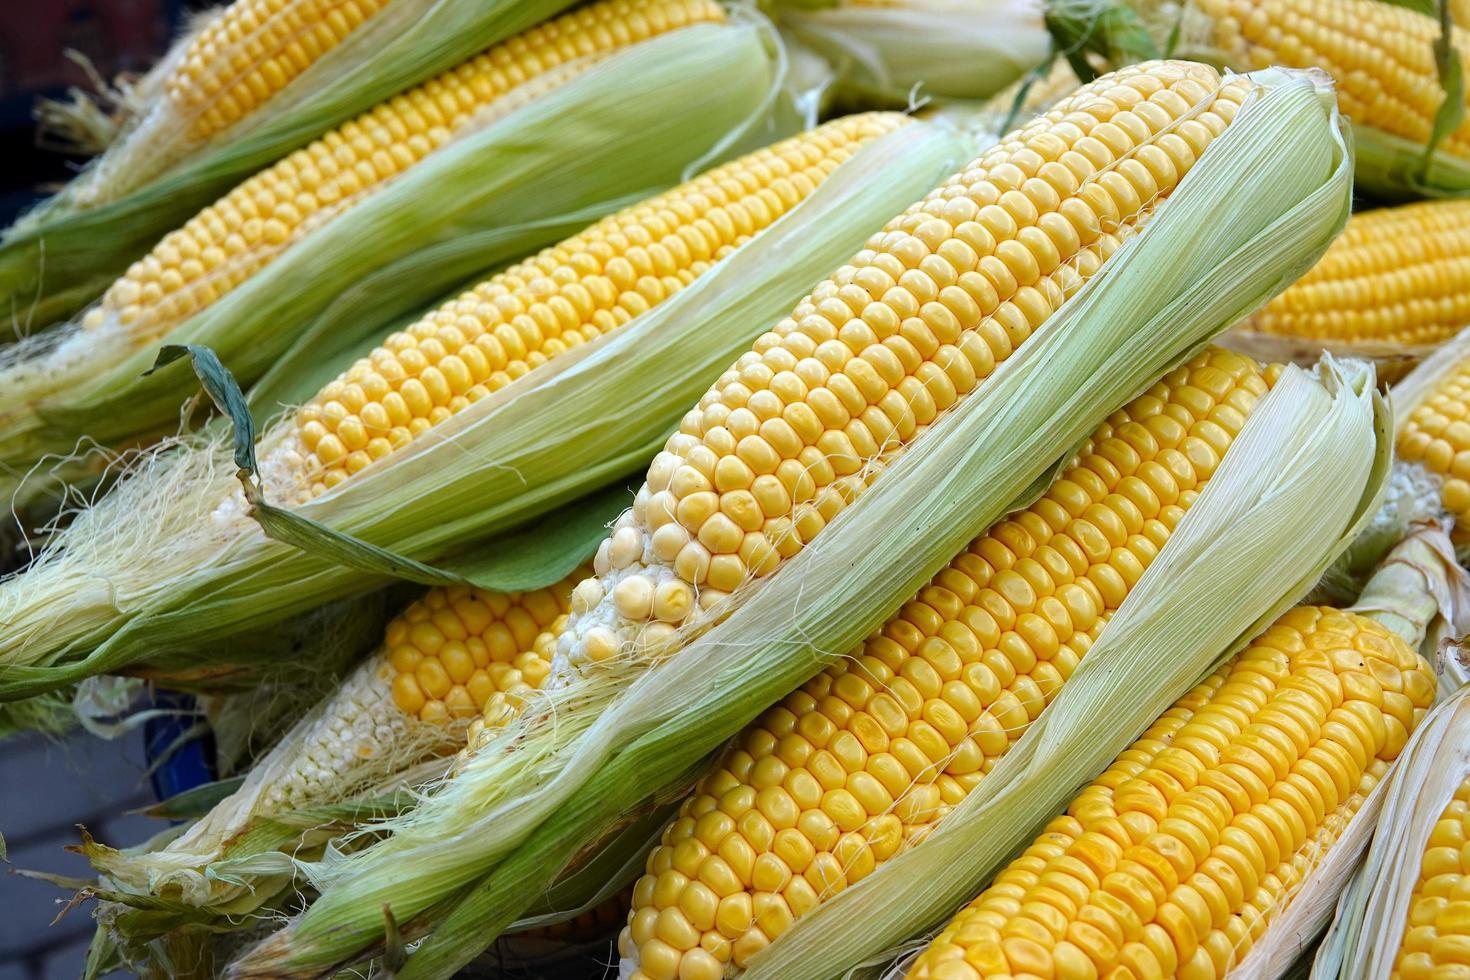 mais vegetale crudo biologico foto